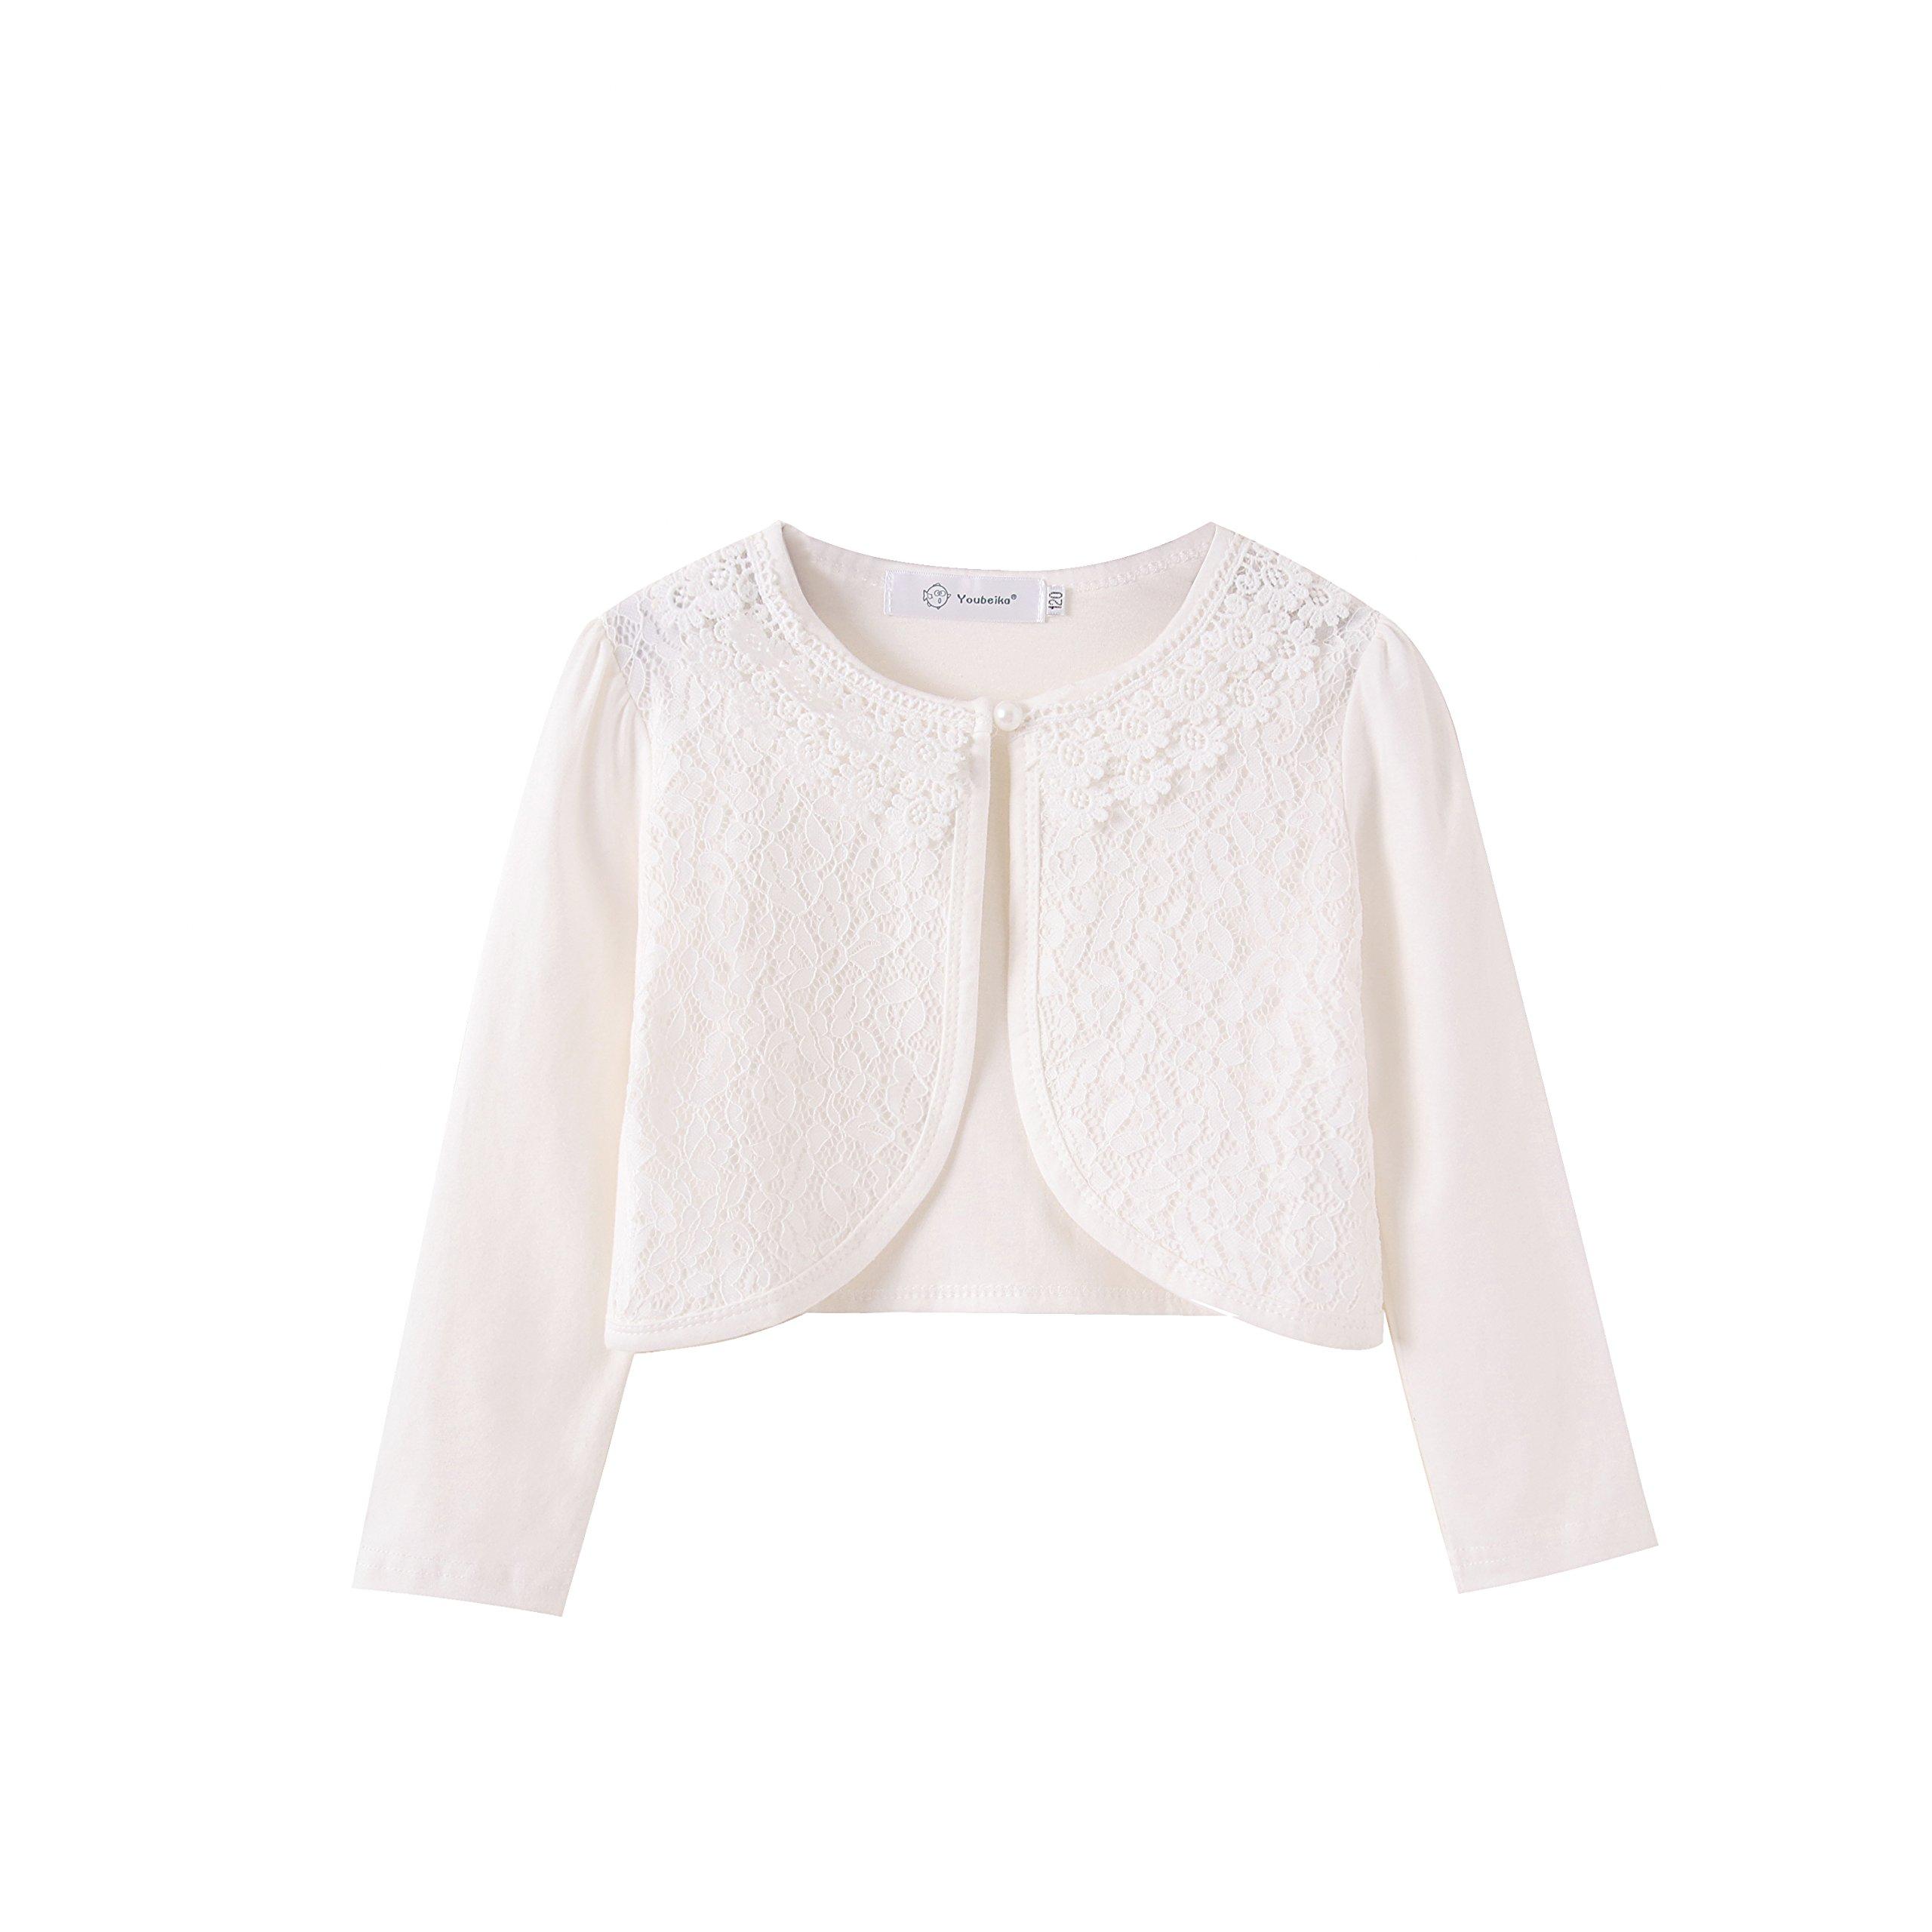 Zhuannian Little Girls' Long Sleeve Lace Bolero Cardigan Shrug(3-4T,White)